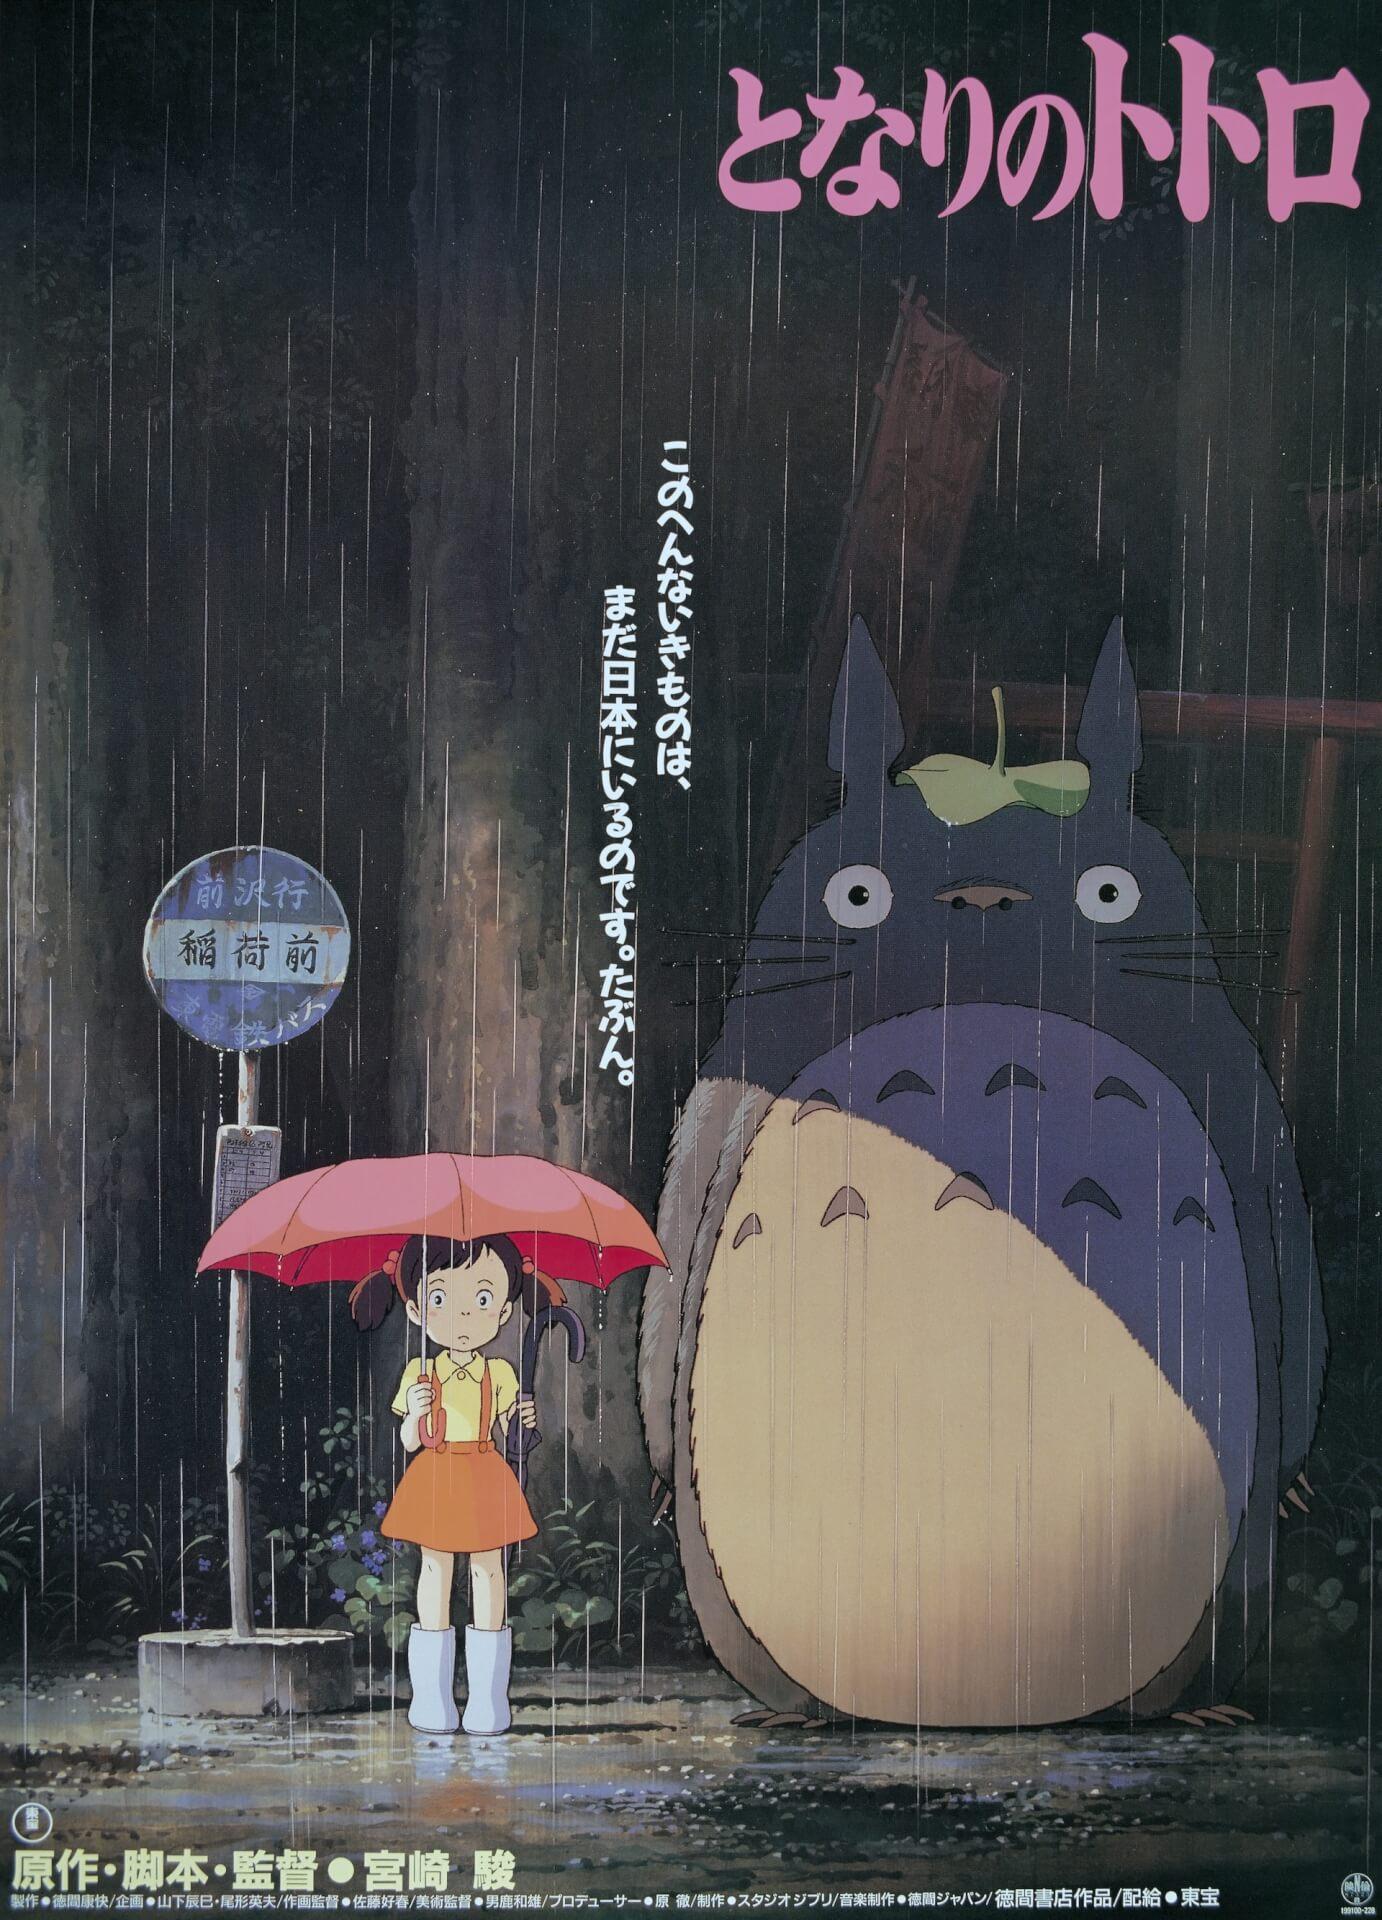 『となりのトトロ』が劇場に帰ってくる!<映画のまち調布 シネマフェスティバル2021>開催で人気作品が上映決定 film201201_chofu_eiga_9